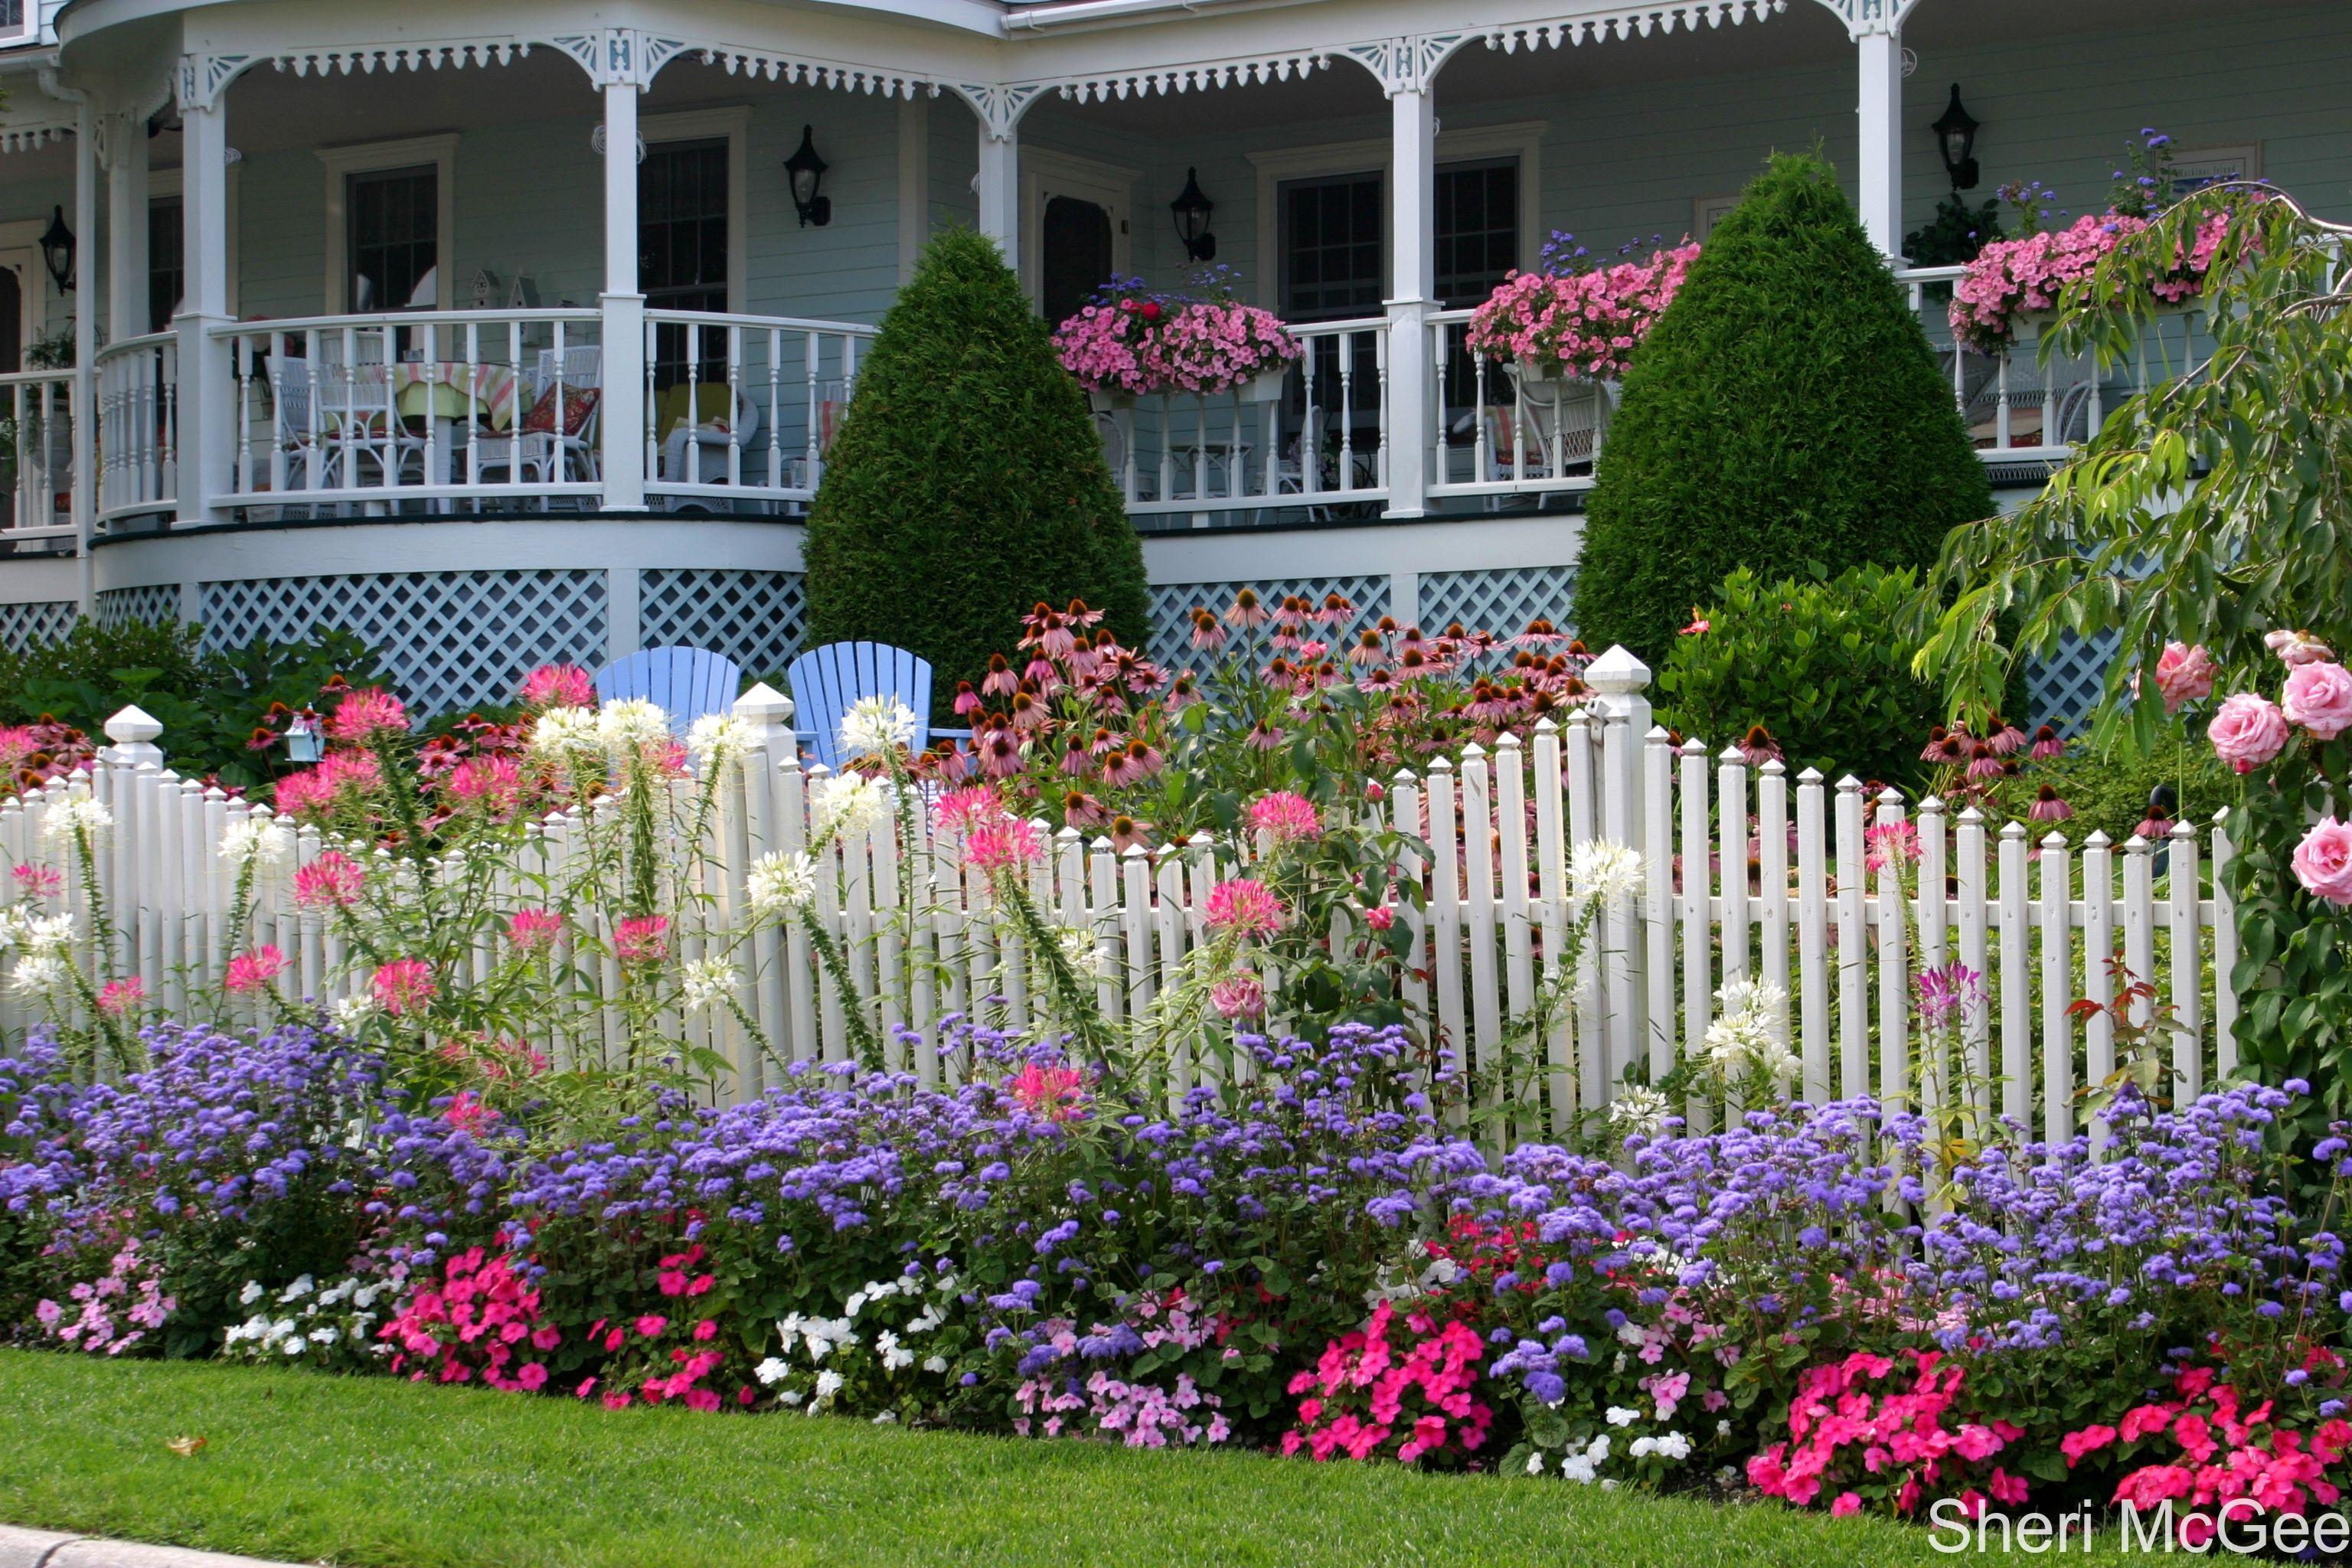 Mackinaw Island Metivier Inn Inspiration for a dimensional flower garden.